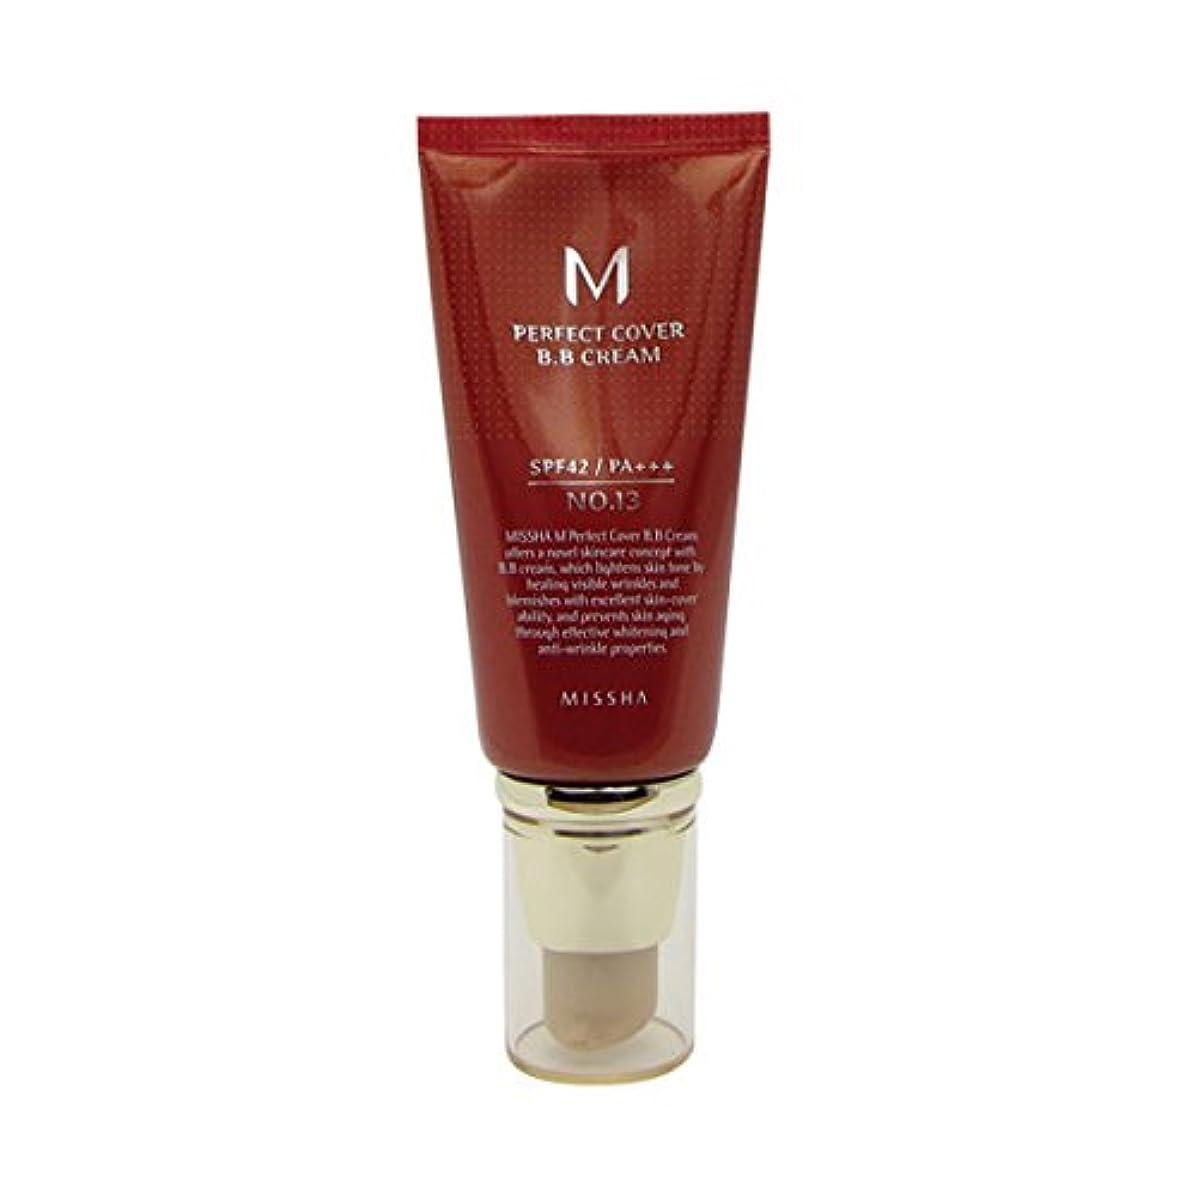 たまにハドル空港Missha M Perfect Cover Bb Cream Spf42/pa+++ No.13 Bright Beige 50ml [並行輸入品]